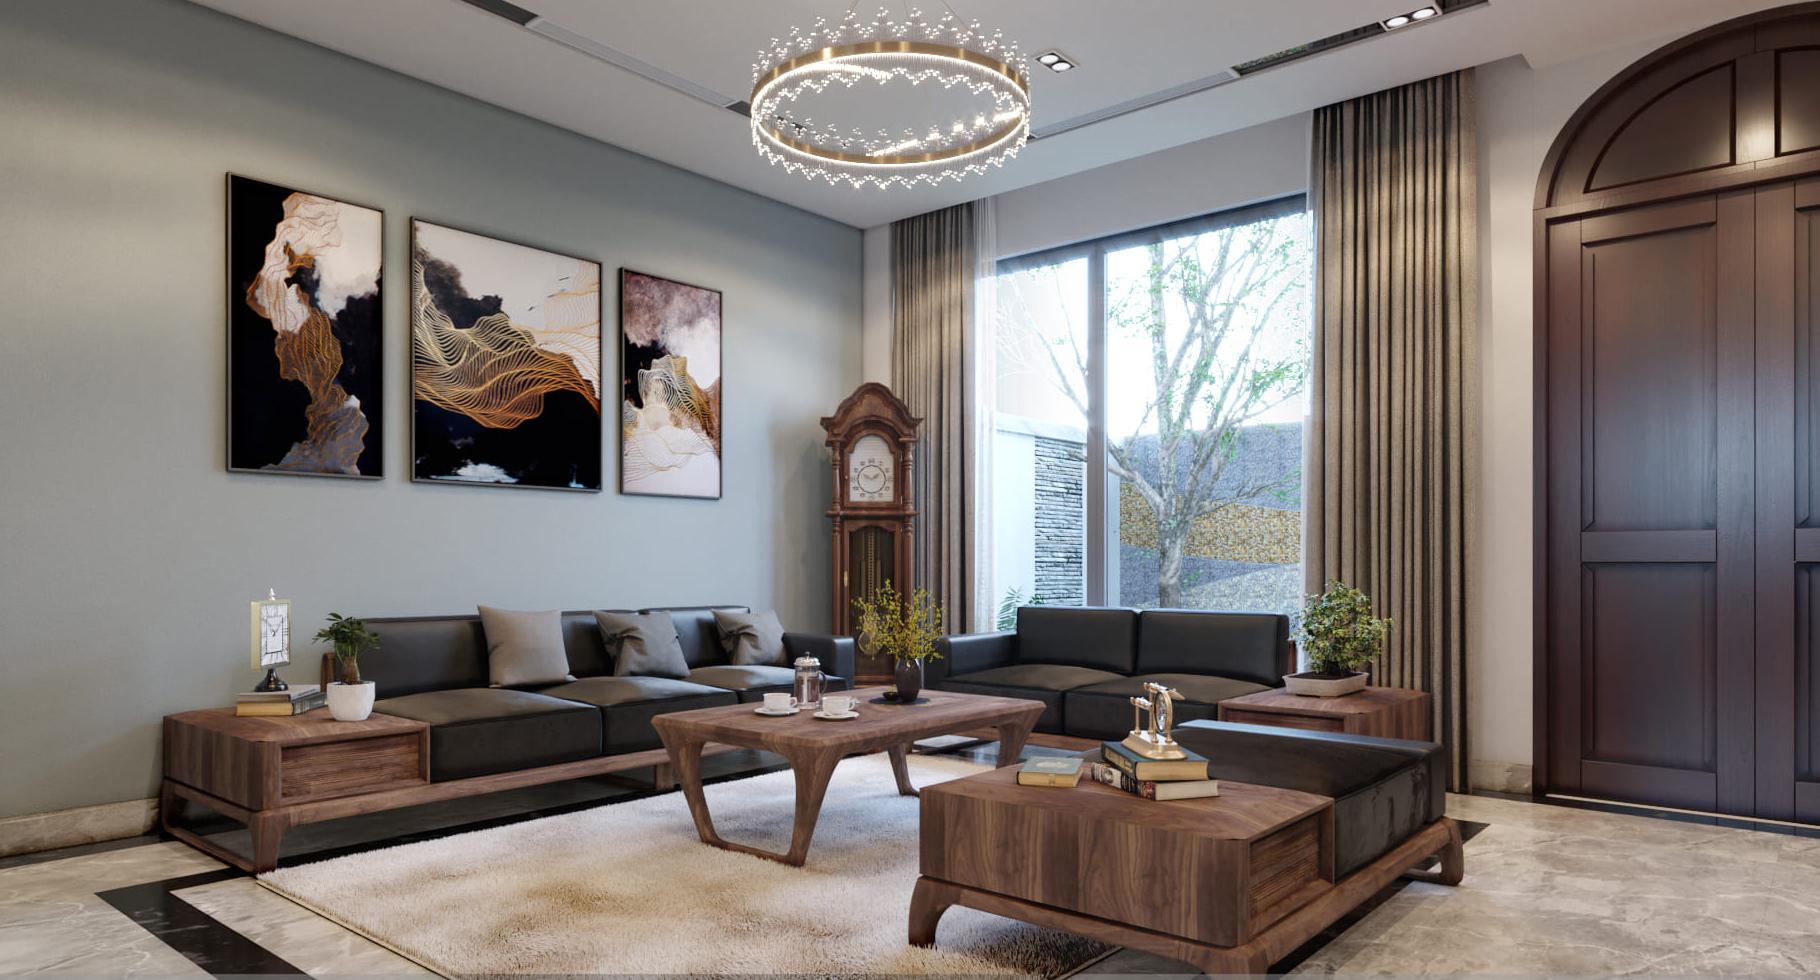 Thiết kế nội thất chung cư 3 phòng ngủ với vật liệu gỗ óc chó